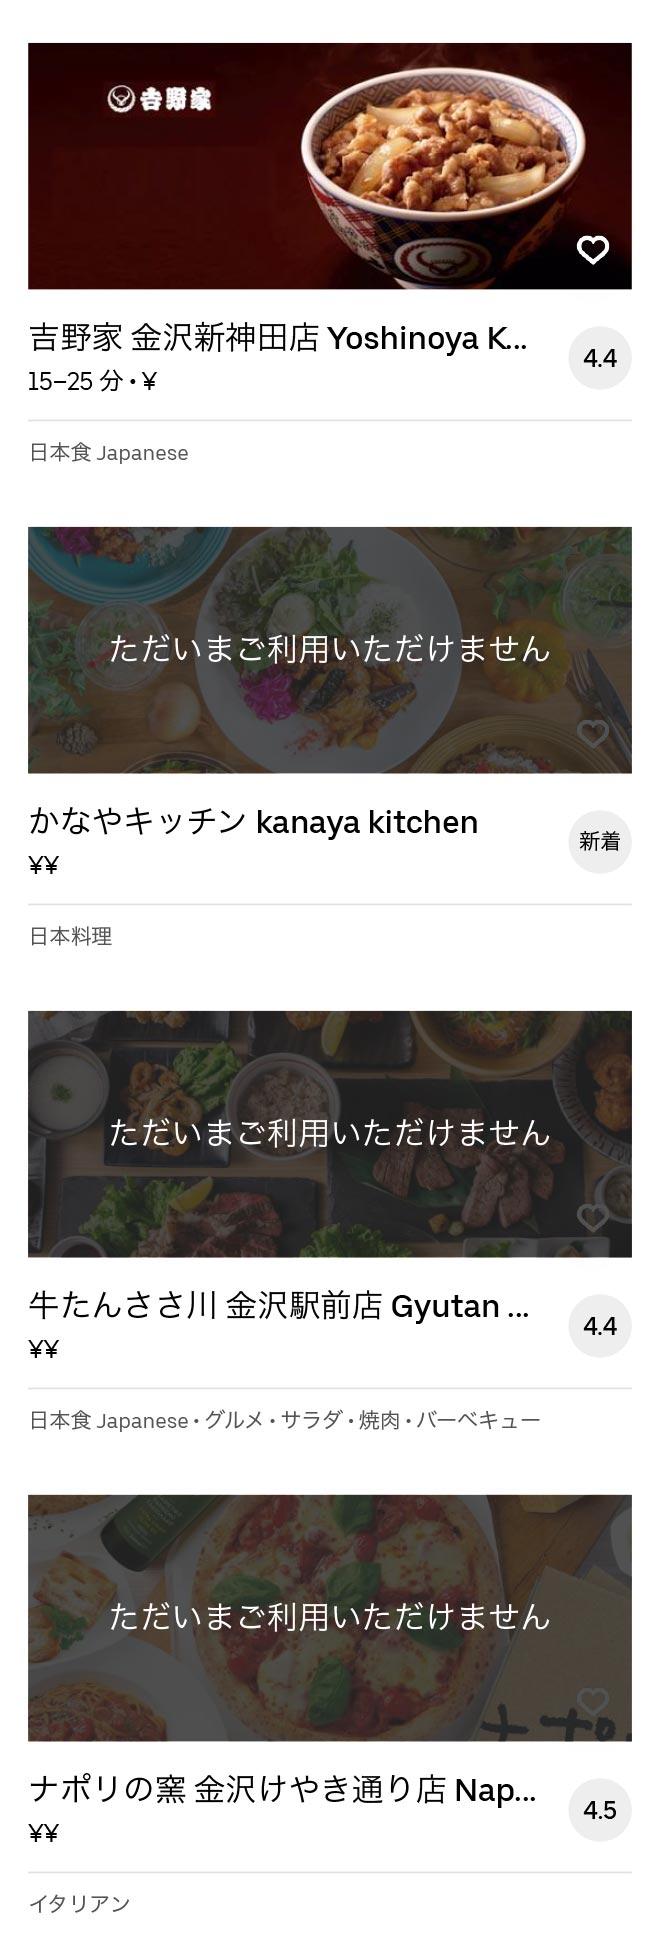 Kanazawa menu 2005 06